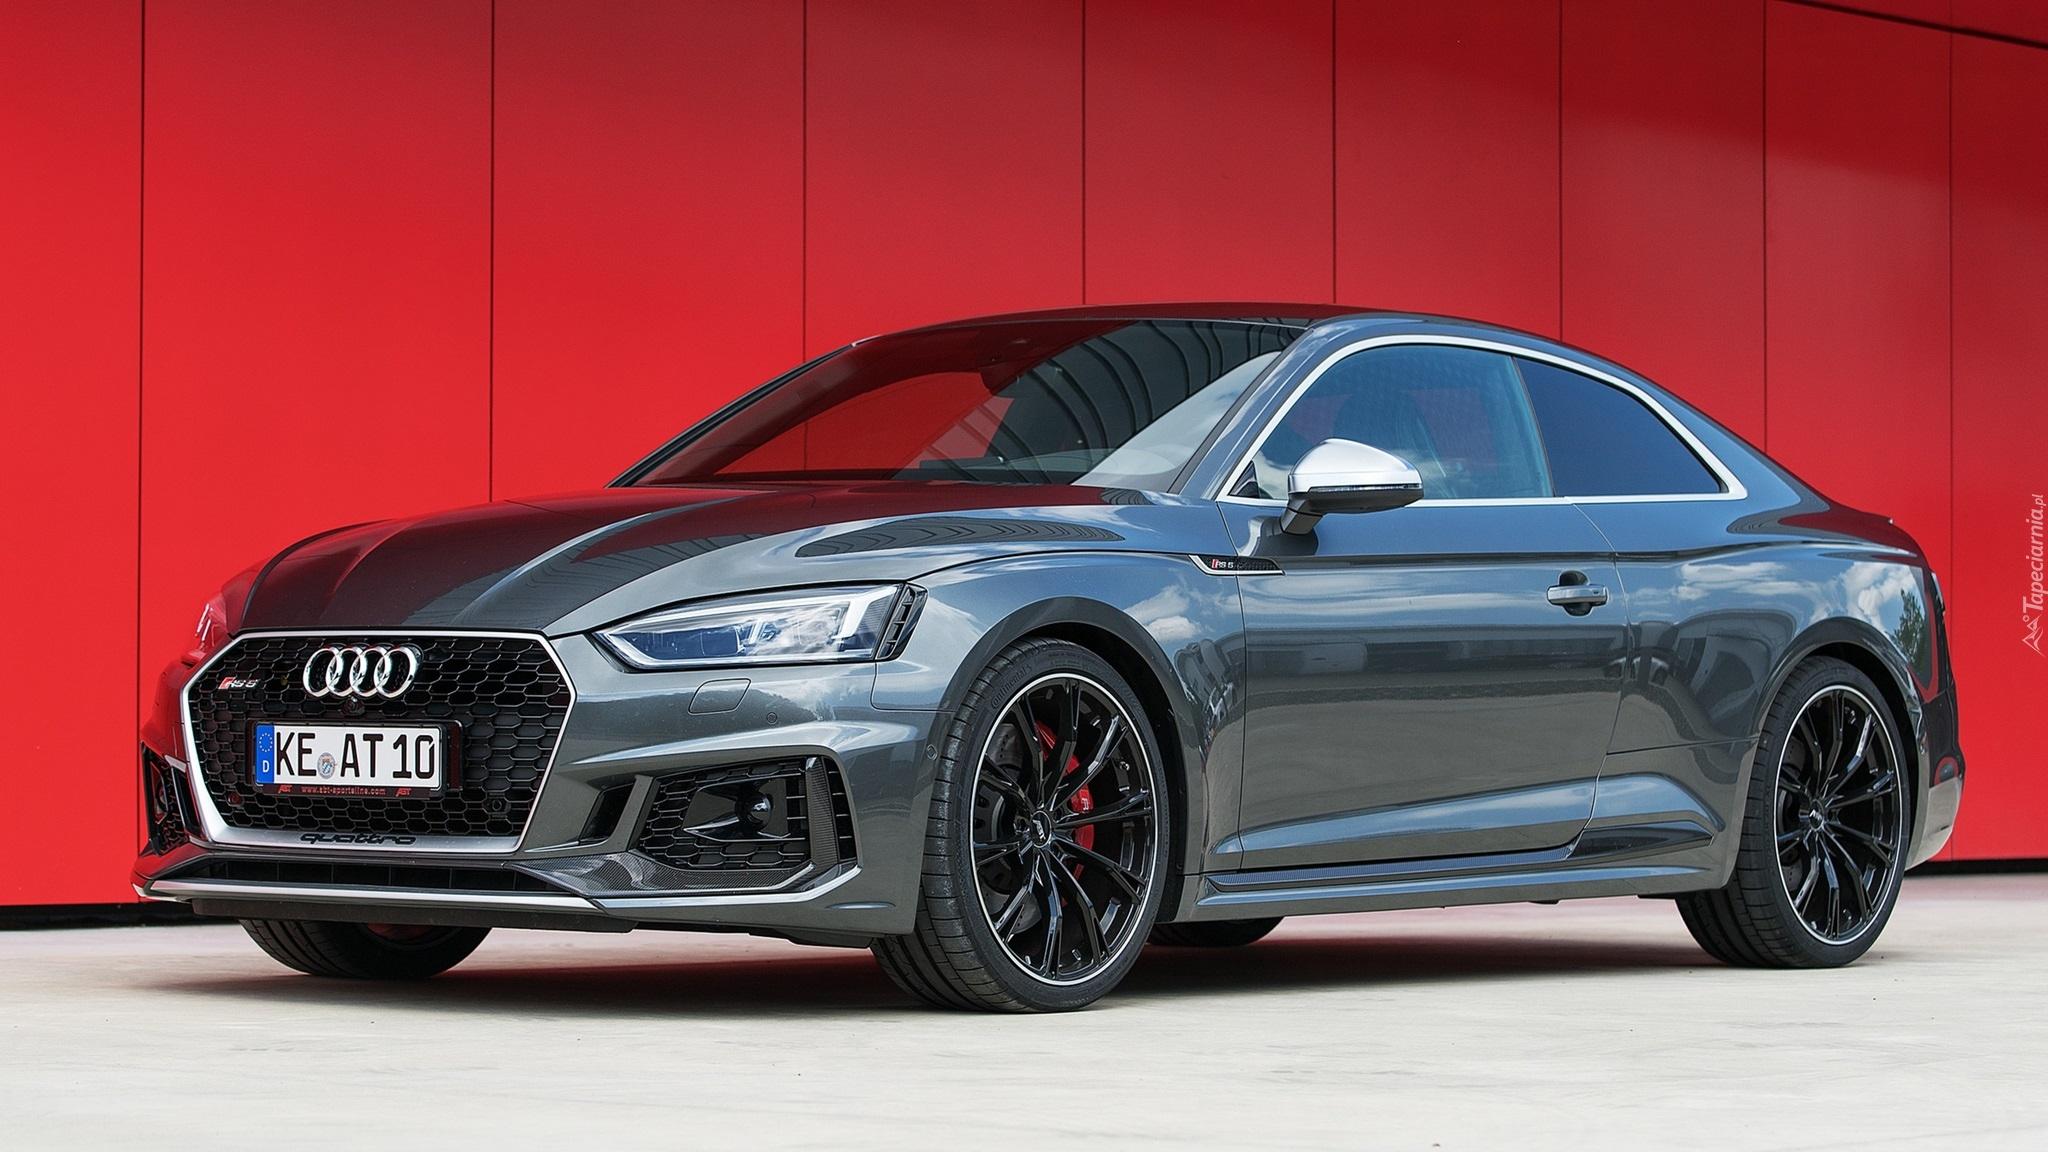 Samochód Audi RS5 rocznik 2018